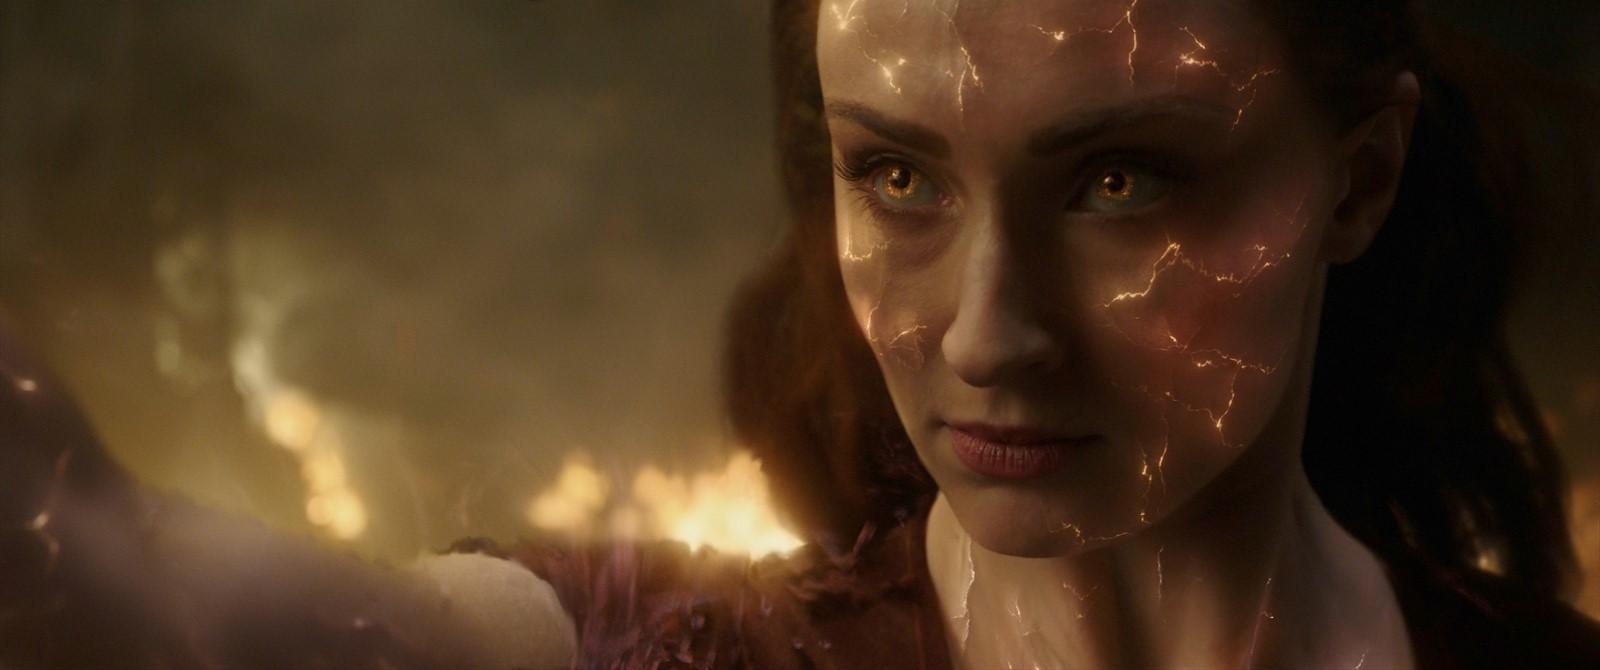 X-Men: Dark Phoenix image film cinéma